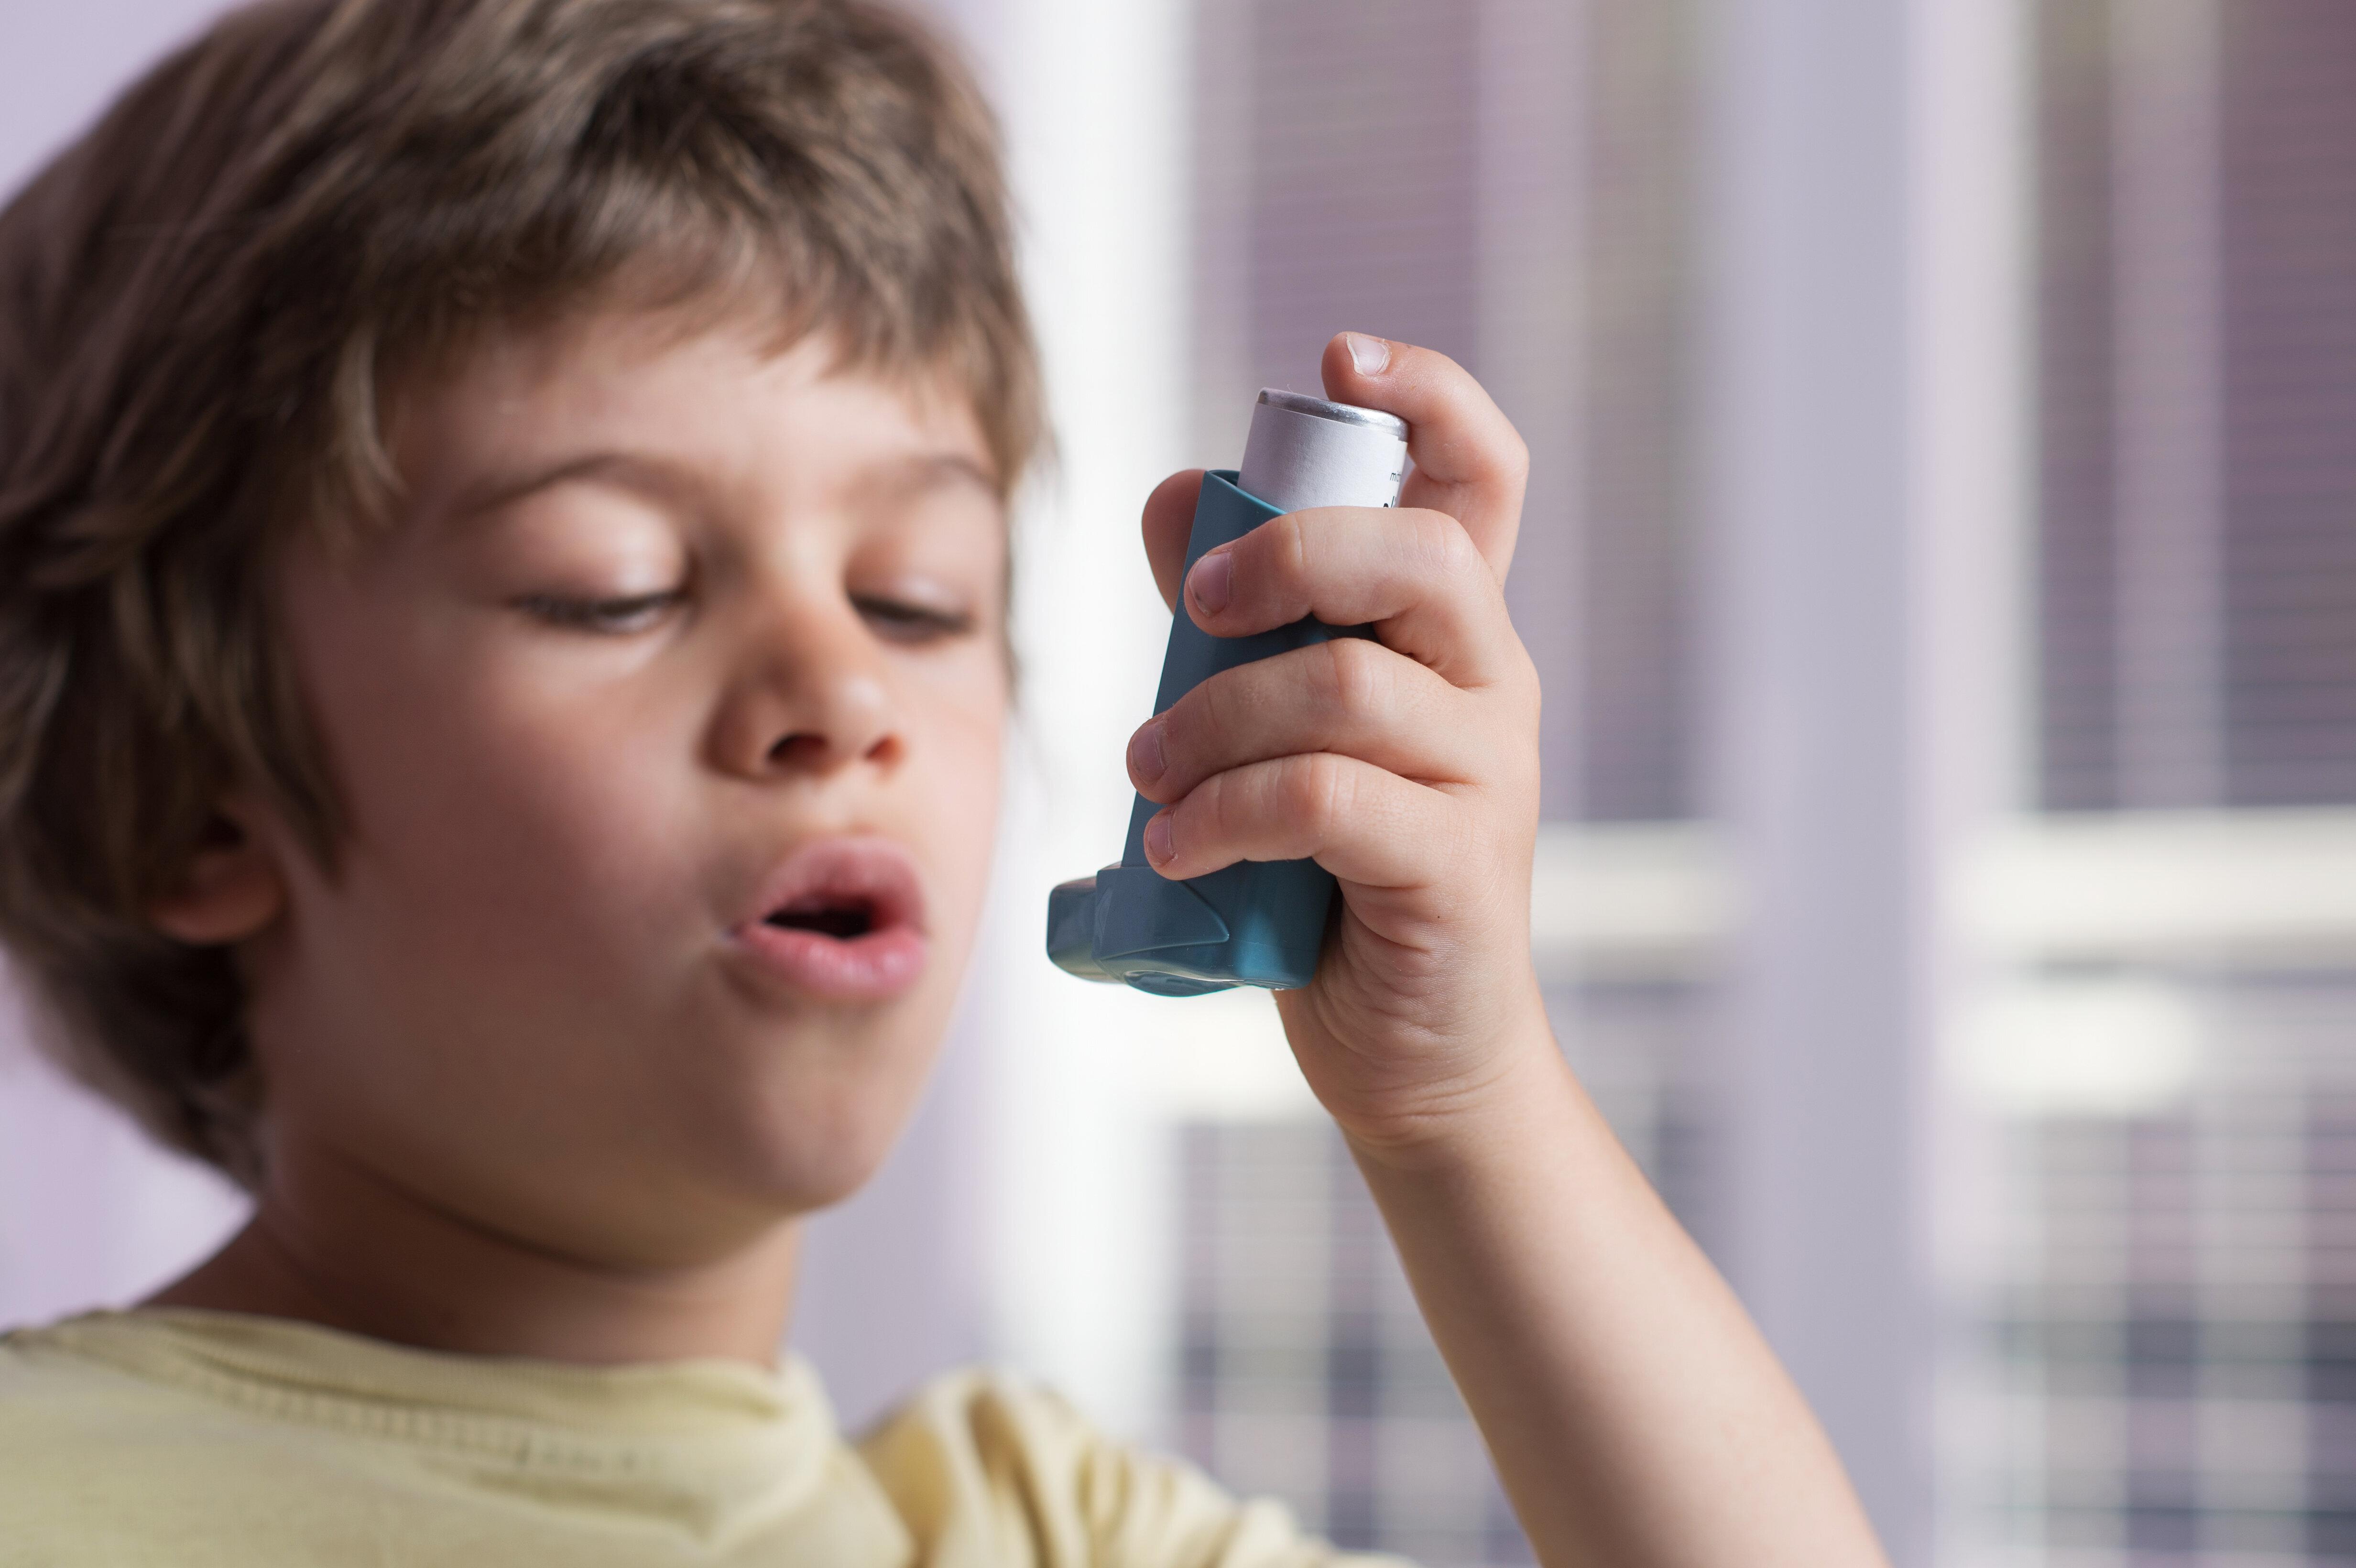 Combiner asthme et vie normale, c'est